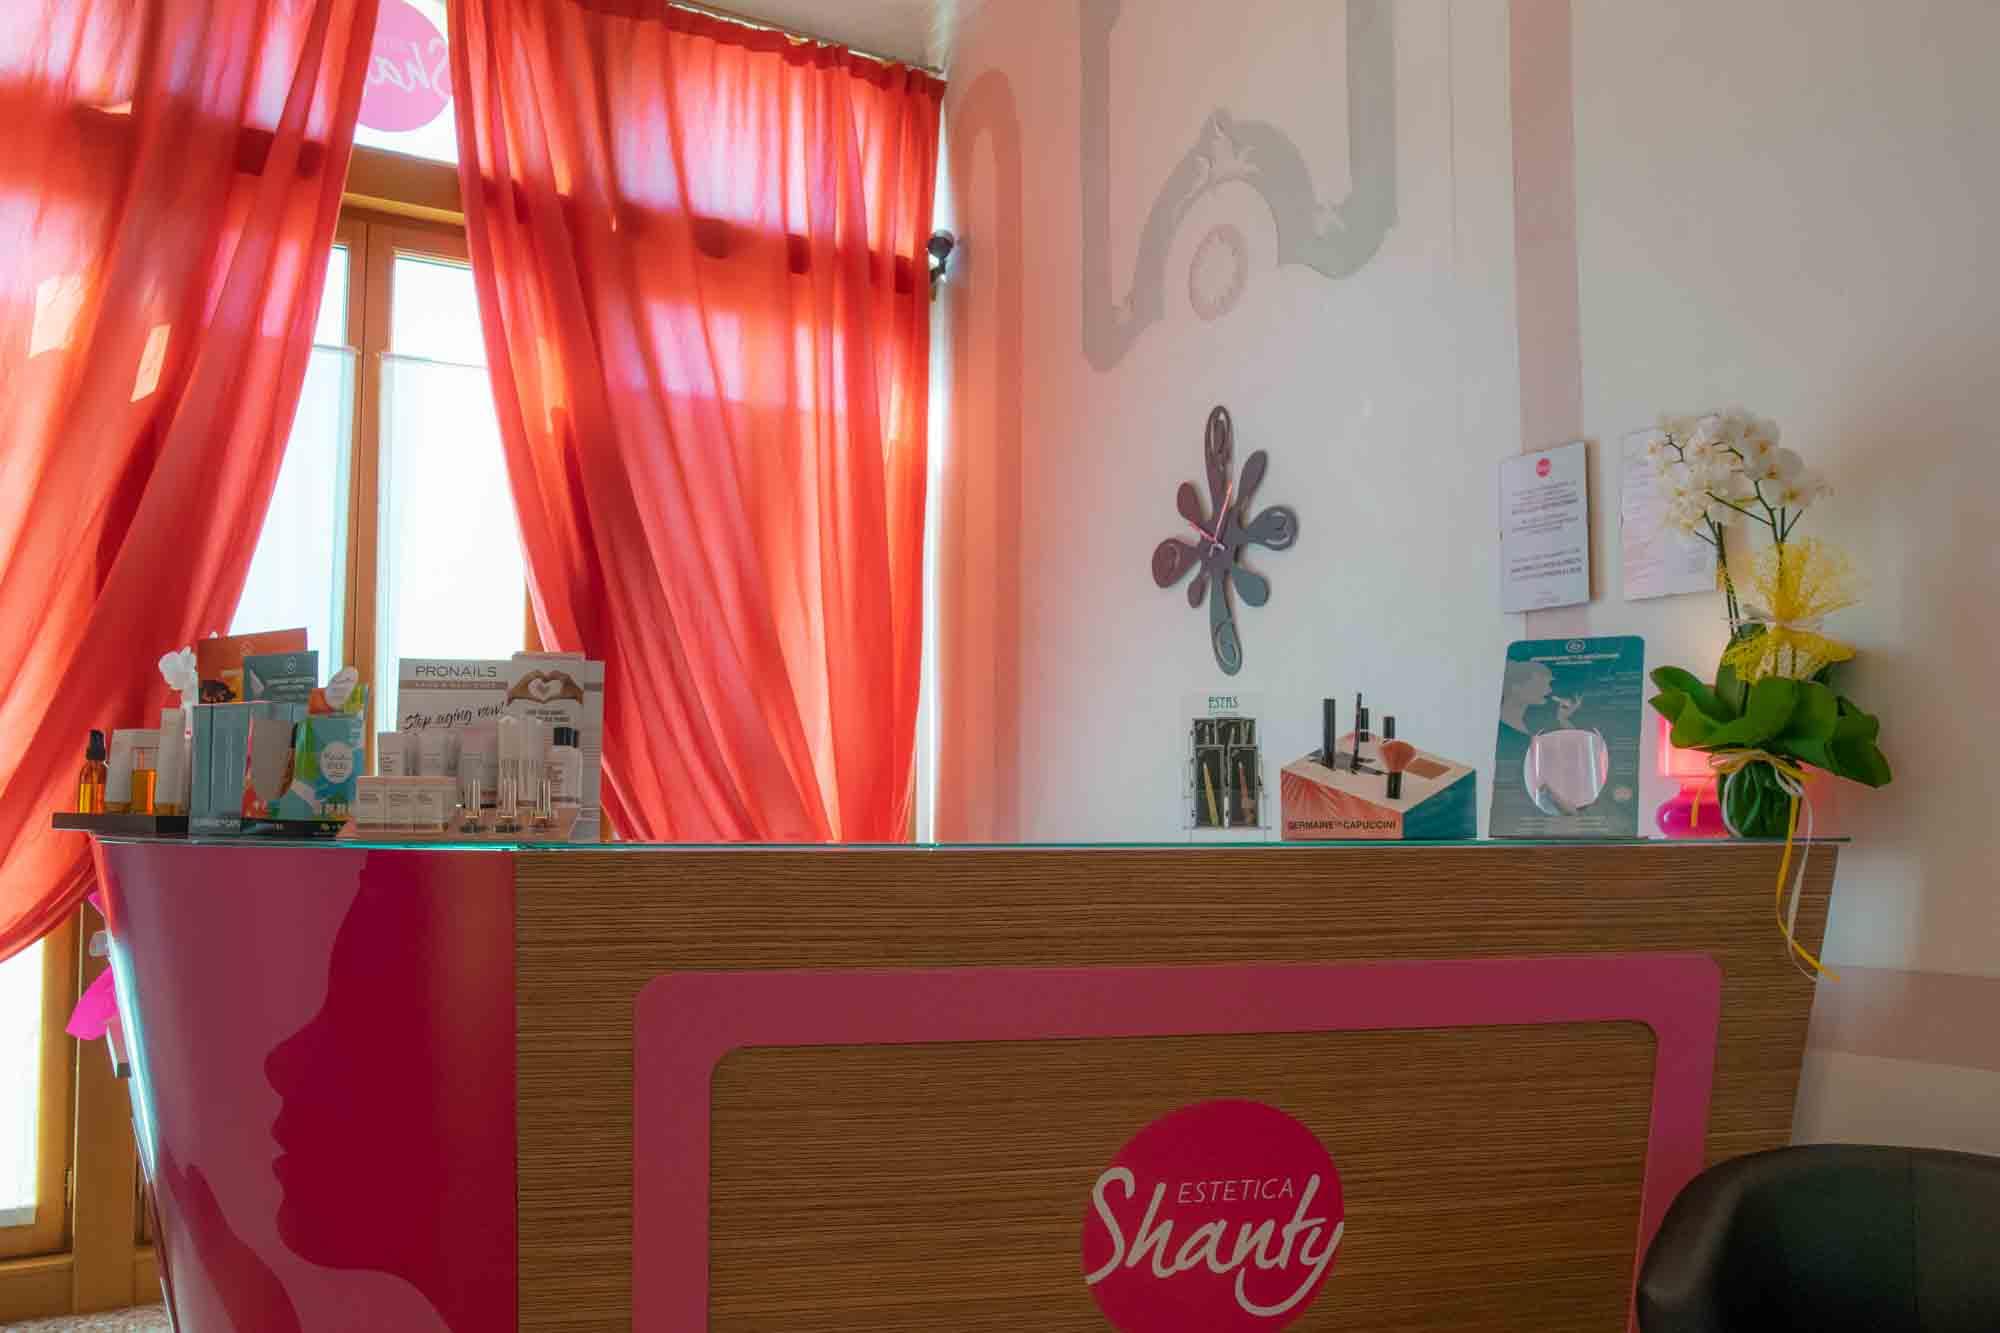 Estetica Shanty Receptions